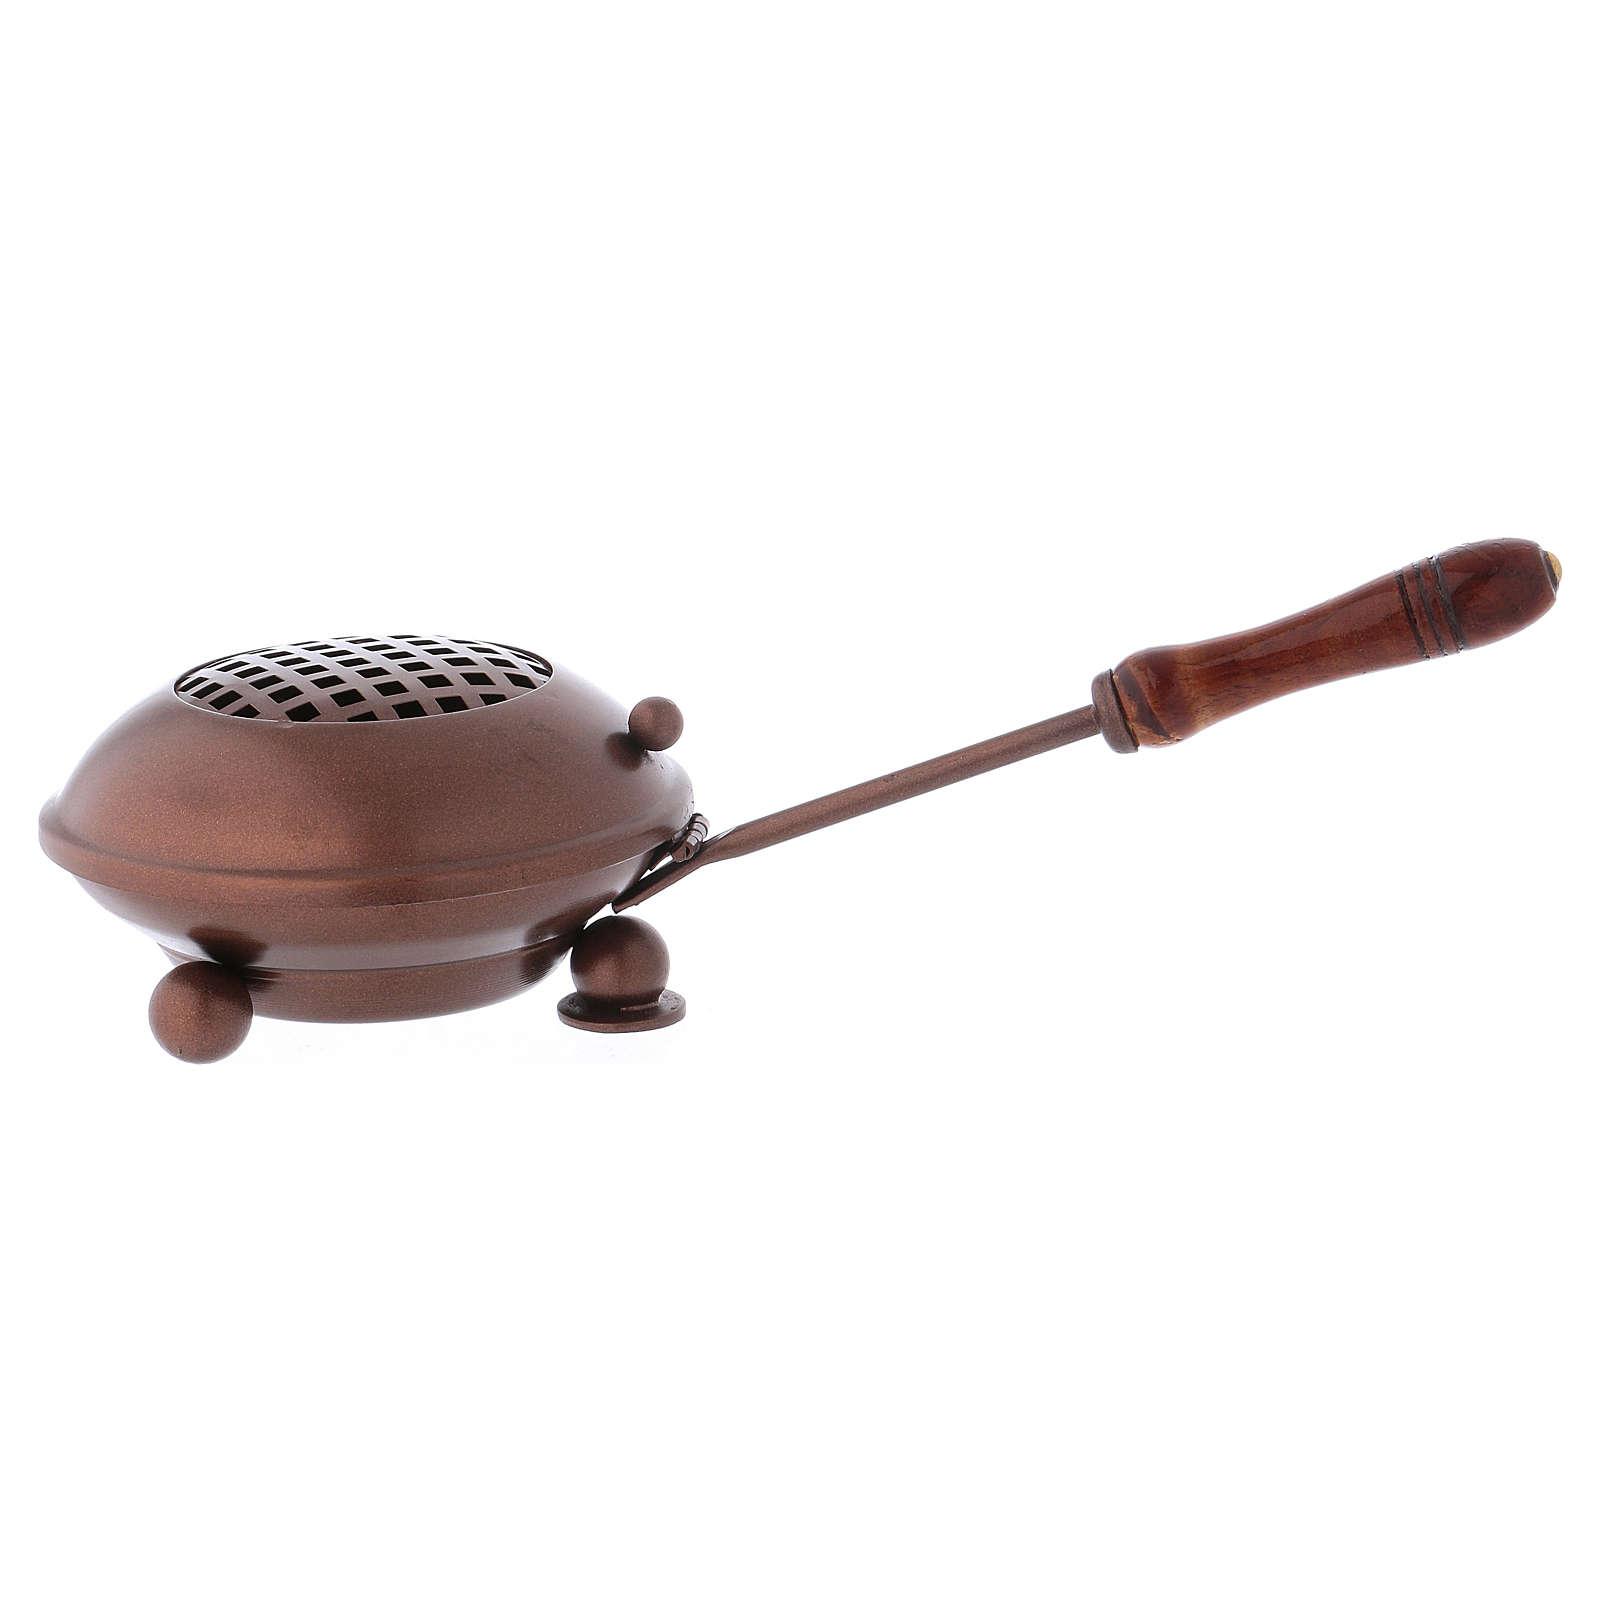 Bruciaincenso in ferro manico legno finitura in rame 3